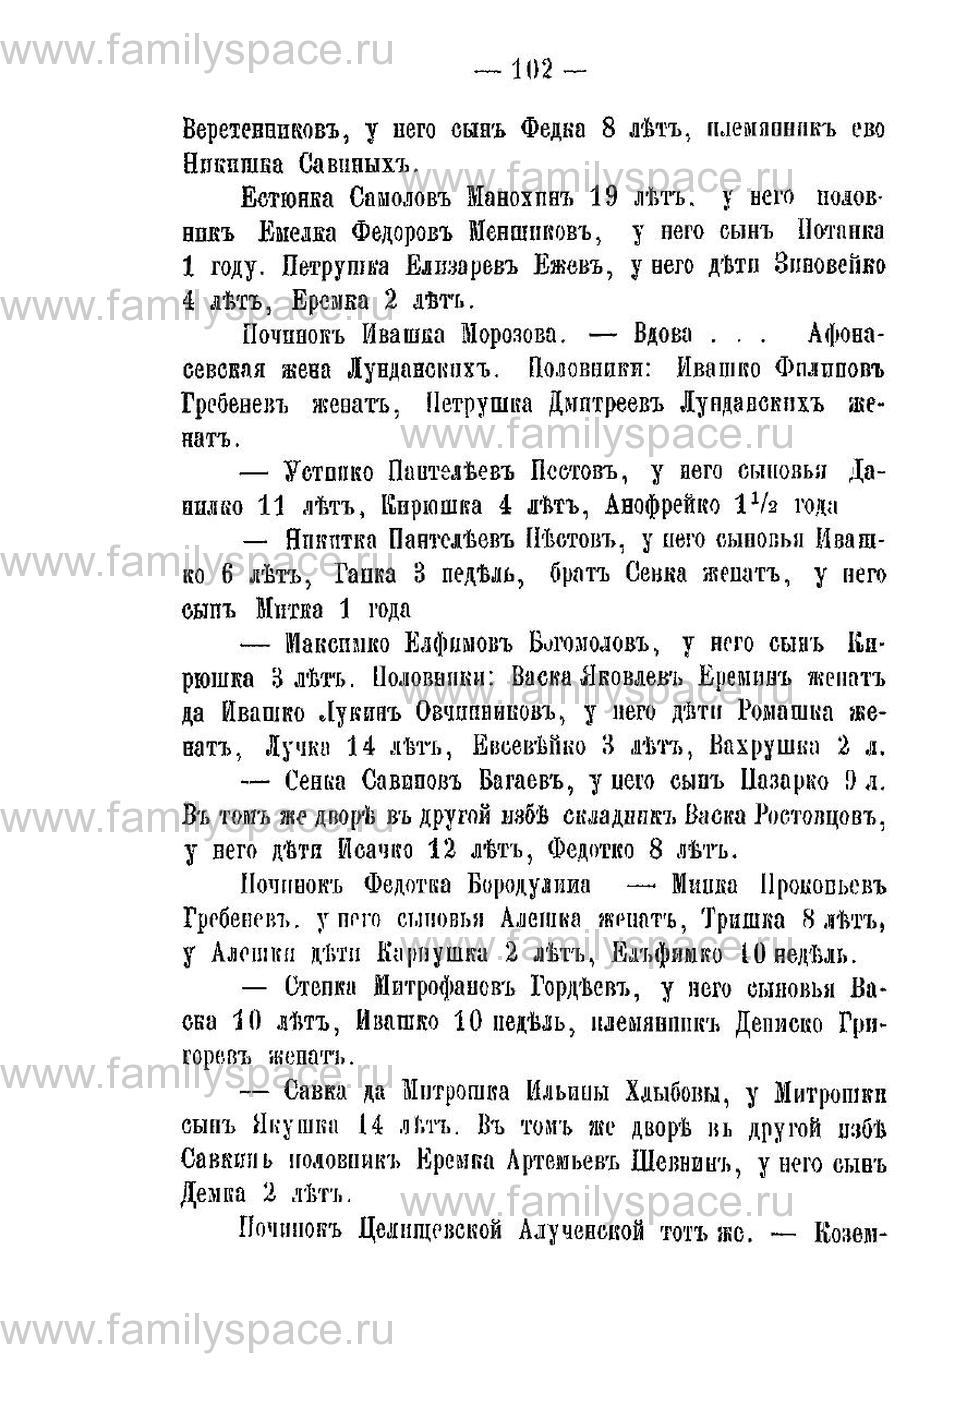 Поиск по фамилии - Переписная книга Орлова и волостей 1678 г, страница 98